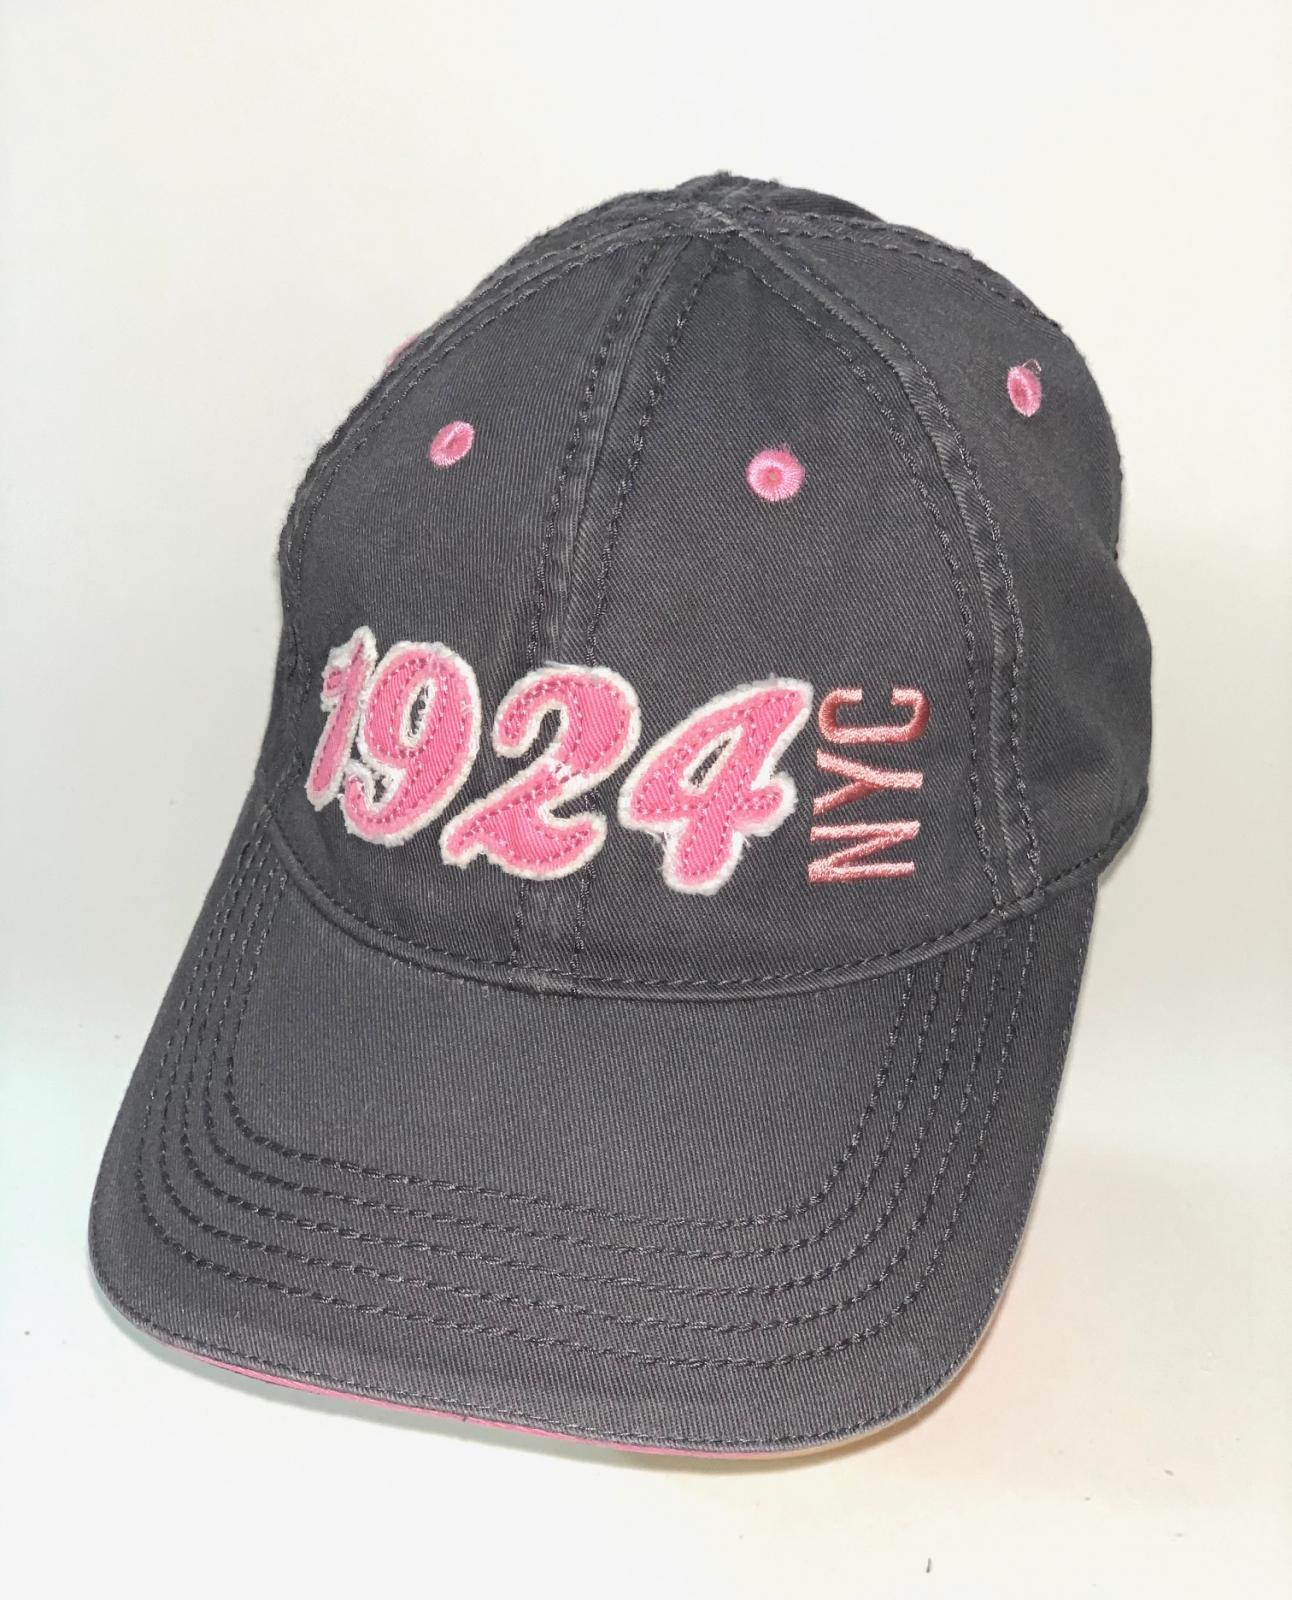 Темно-серая бейсболка с розовой вышивкой и люверсами